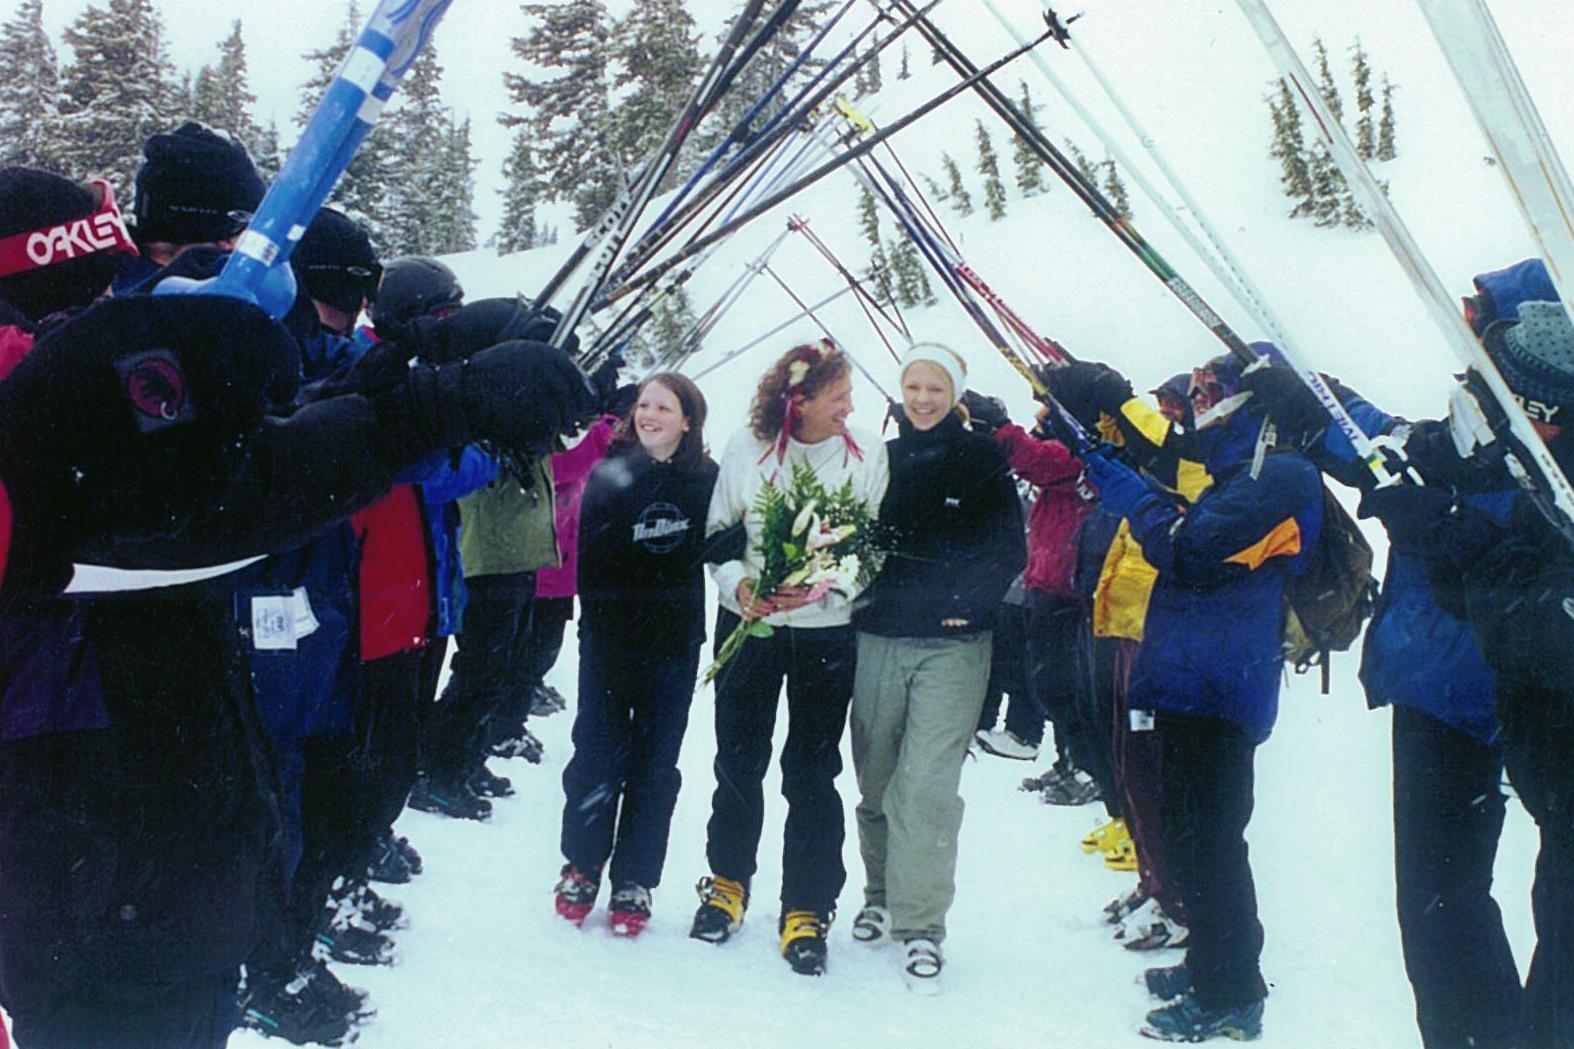 Karen Marries Tom Baker 2002